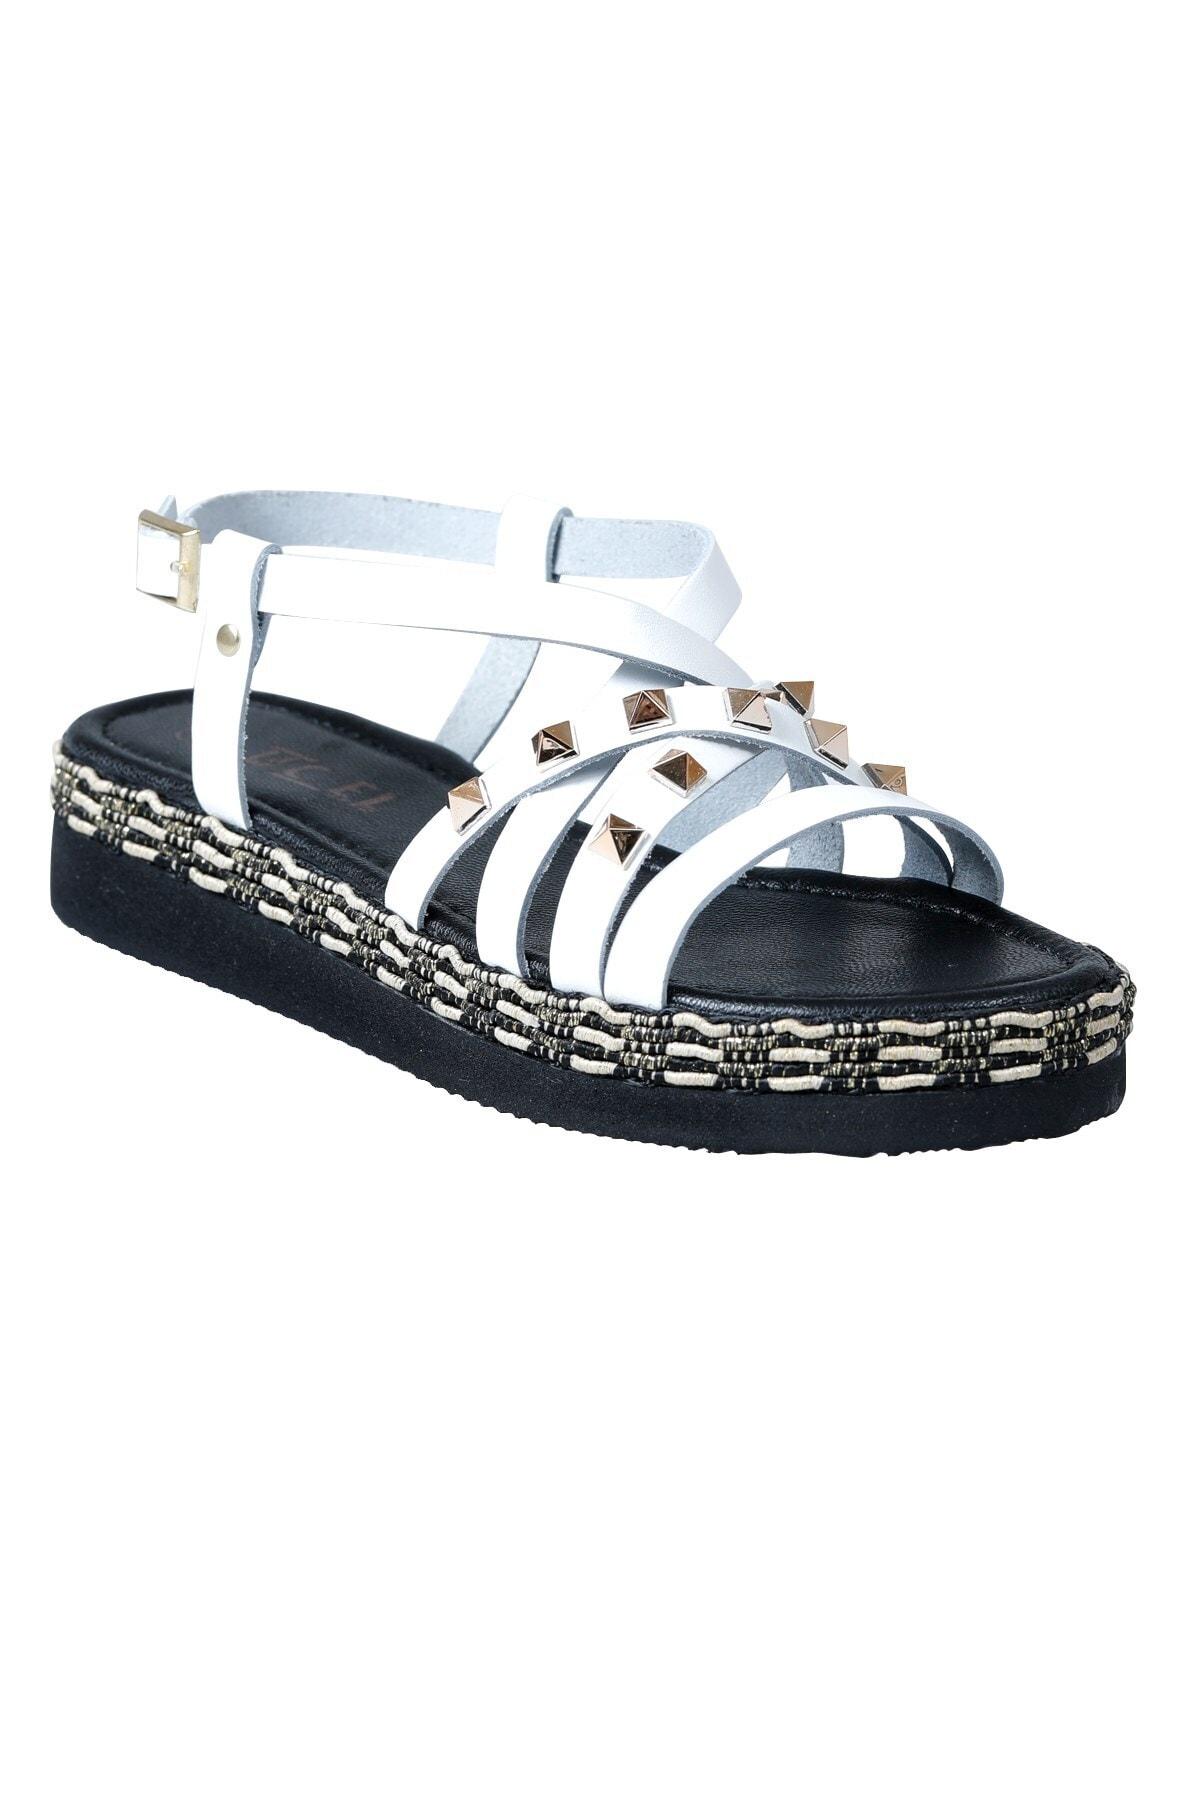 Üçel 5007 Hakiki Deri Kadın Sandalet Beyaz